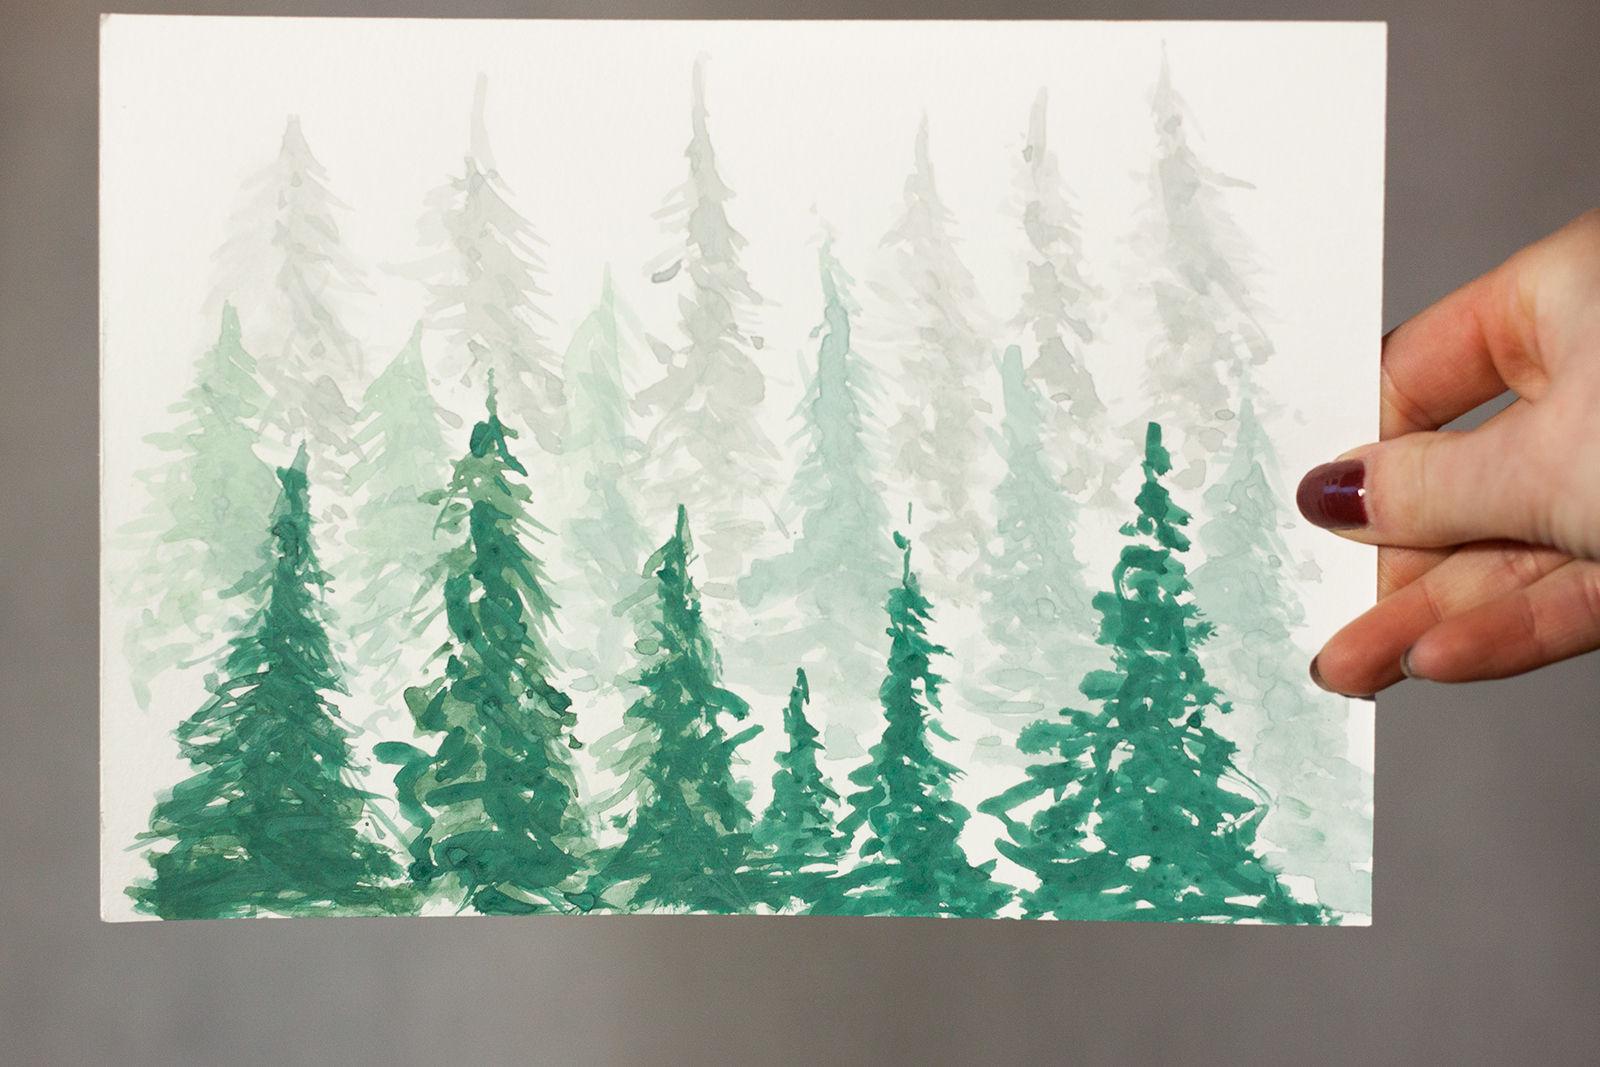 las iglasty malowany akwarelami, trzymane w ręce na szarym tle